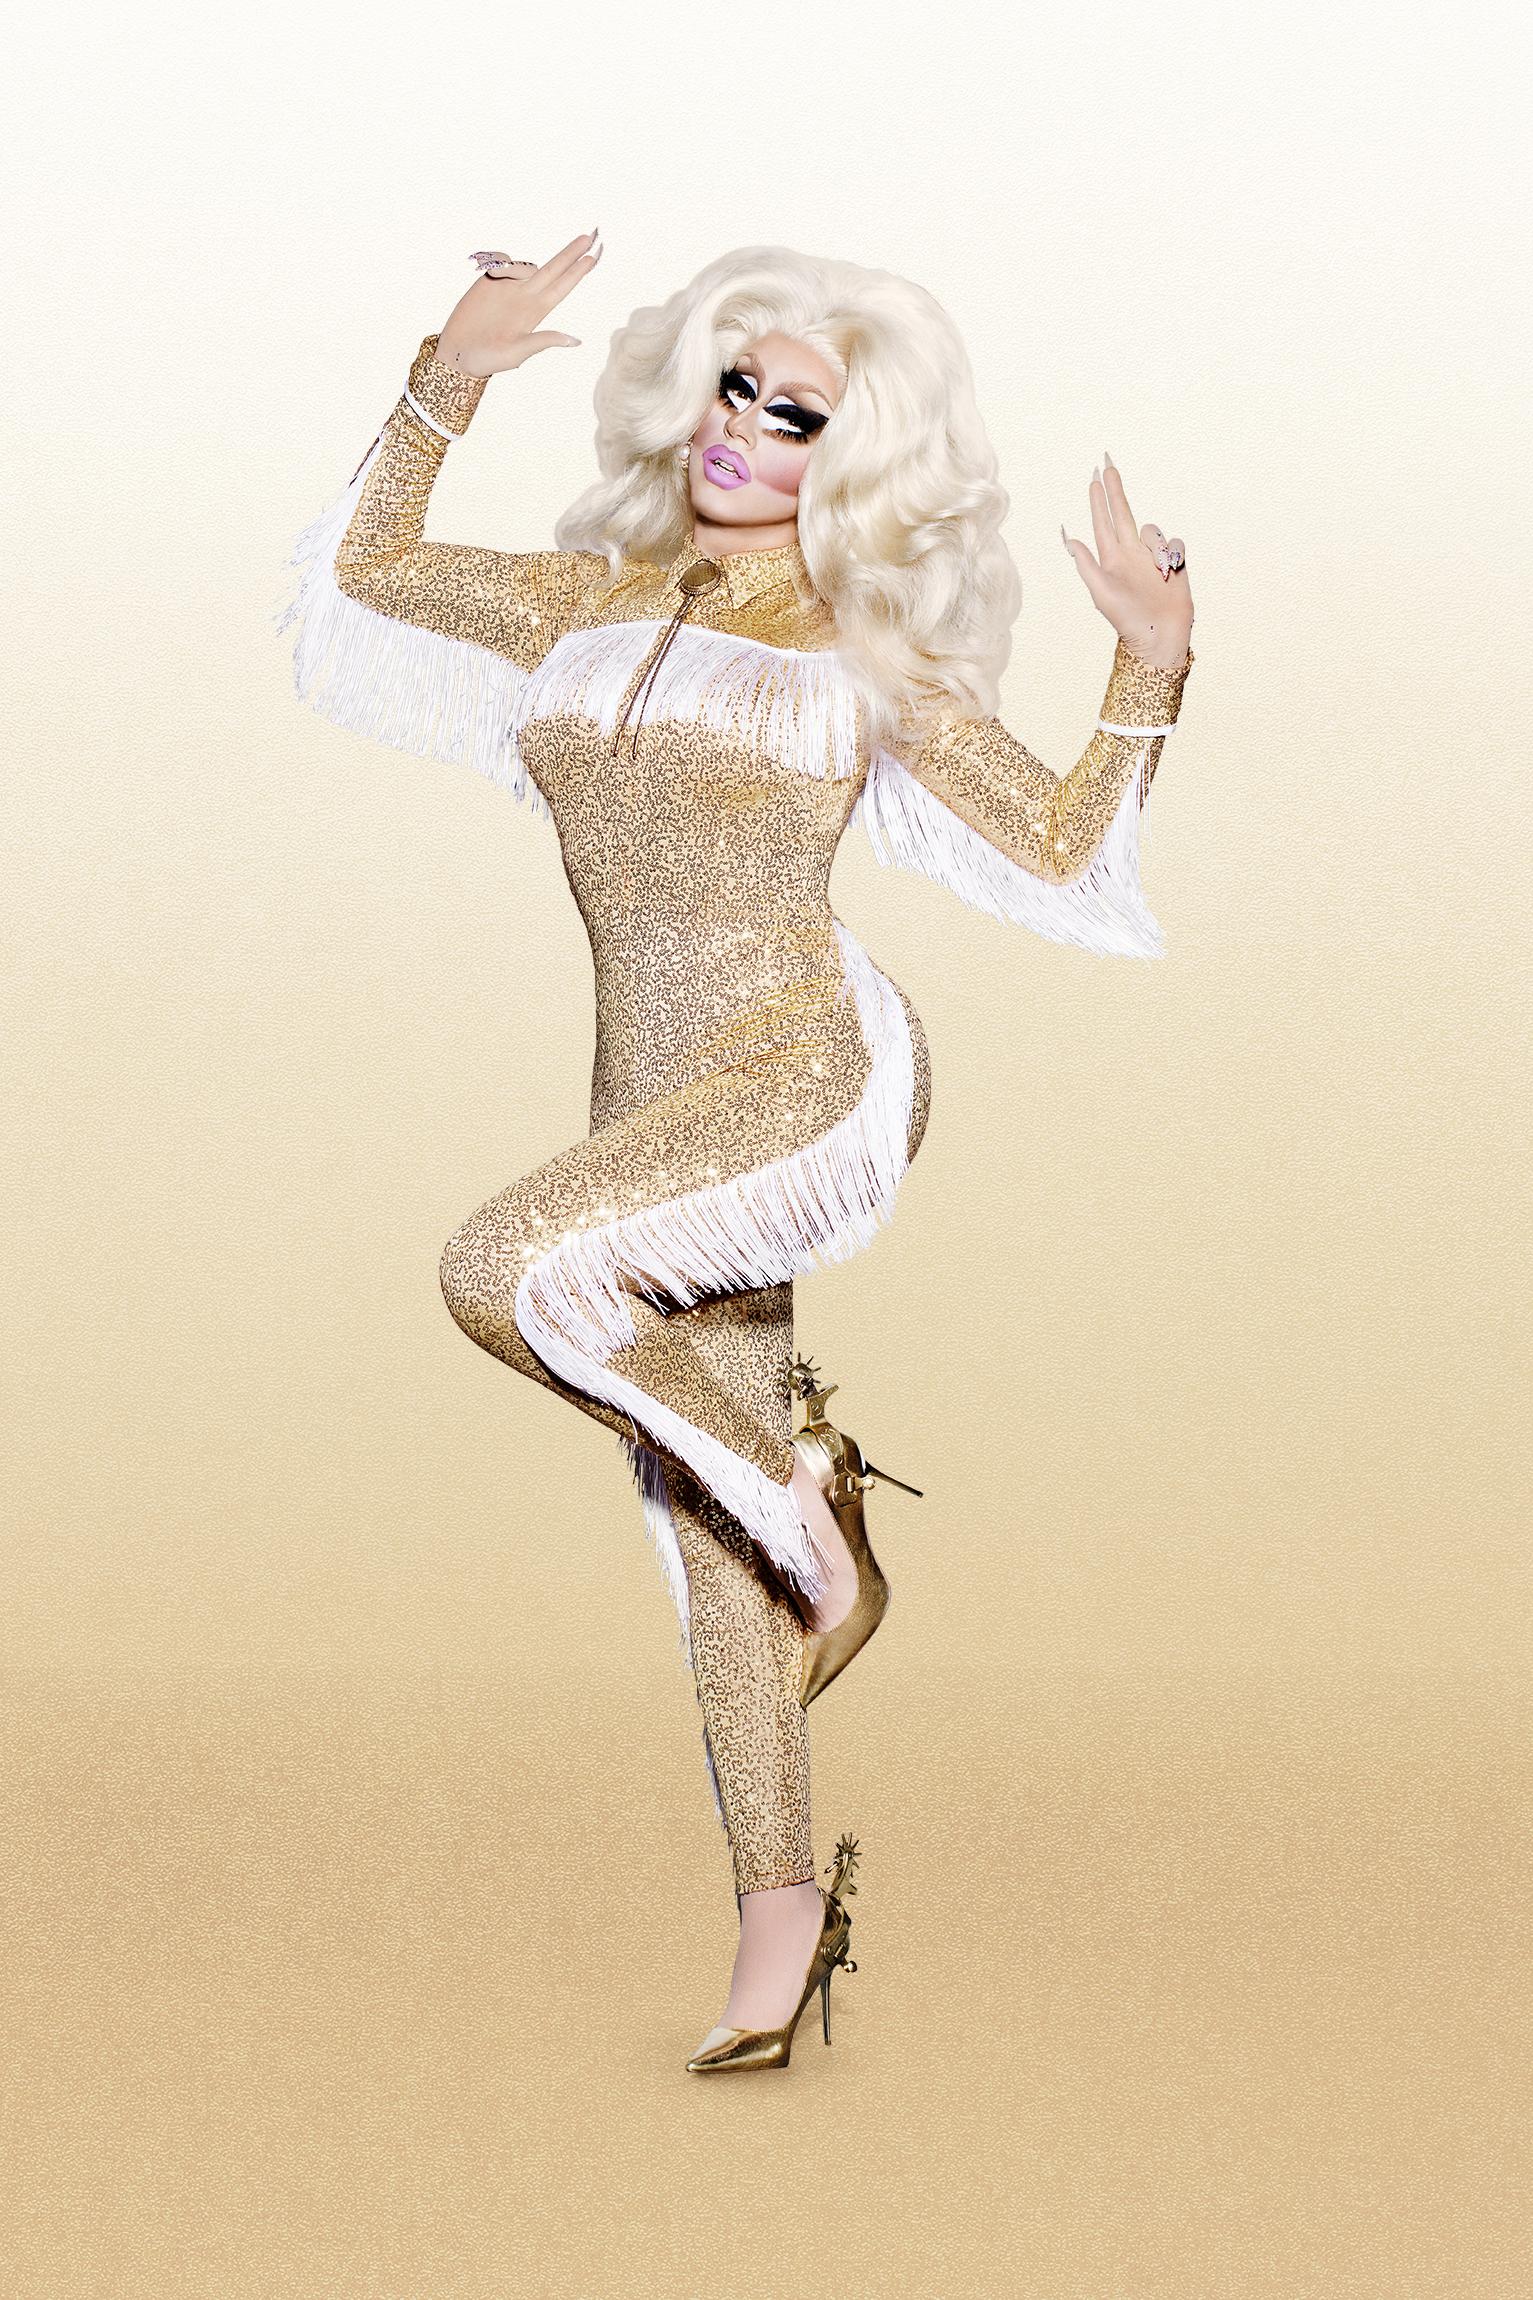 Trixie Mattel.